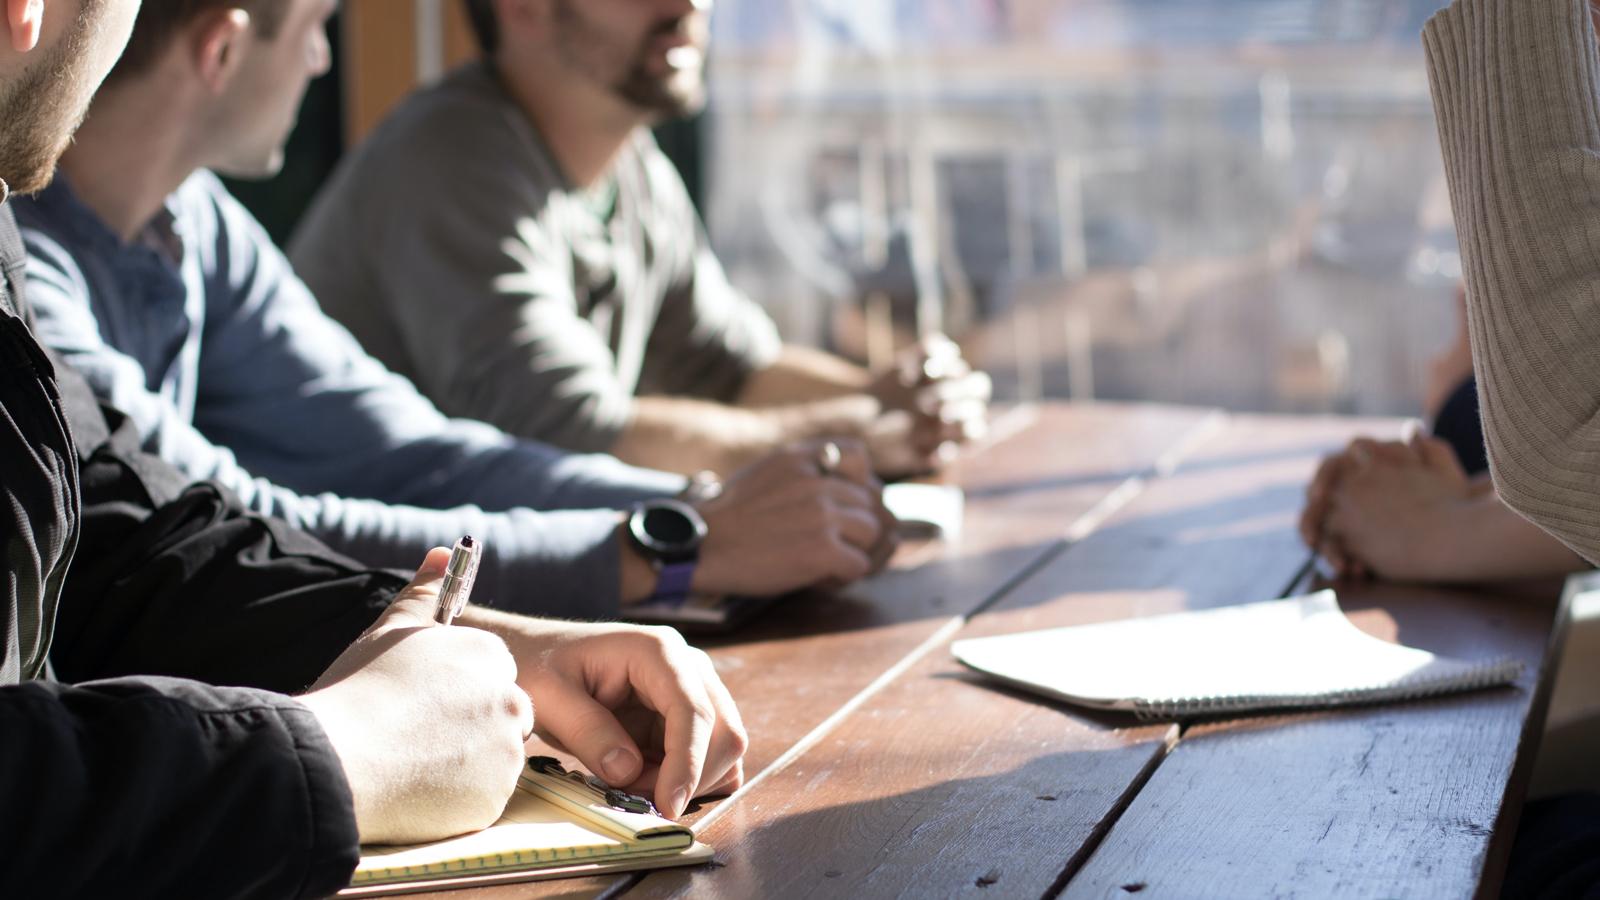 ¿Cómo ha cambiado la tecnología nuestra forma de gestionar negocios?